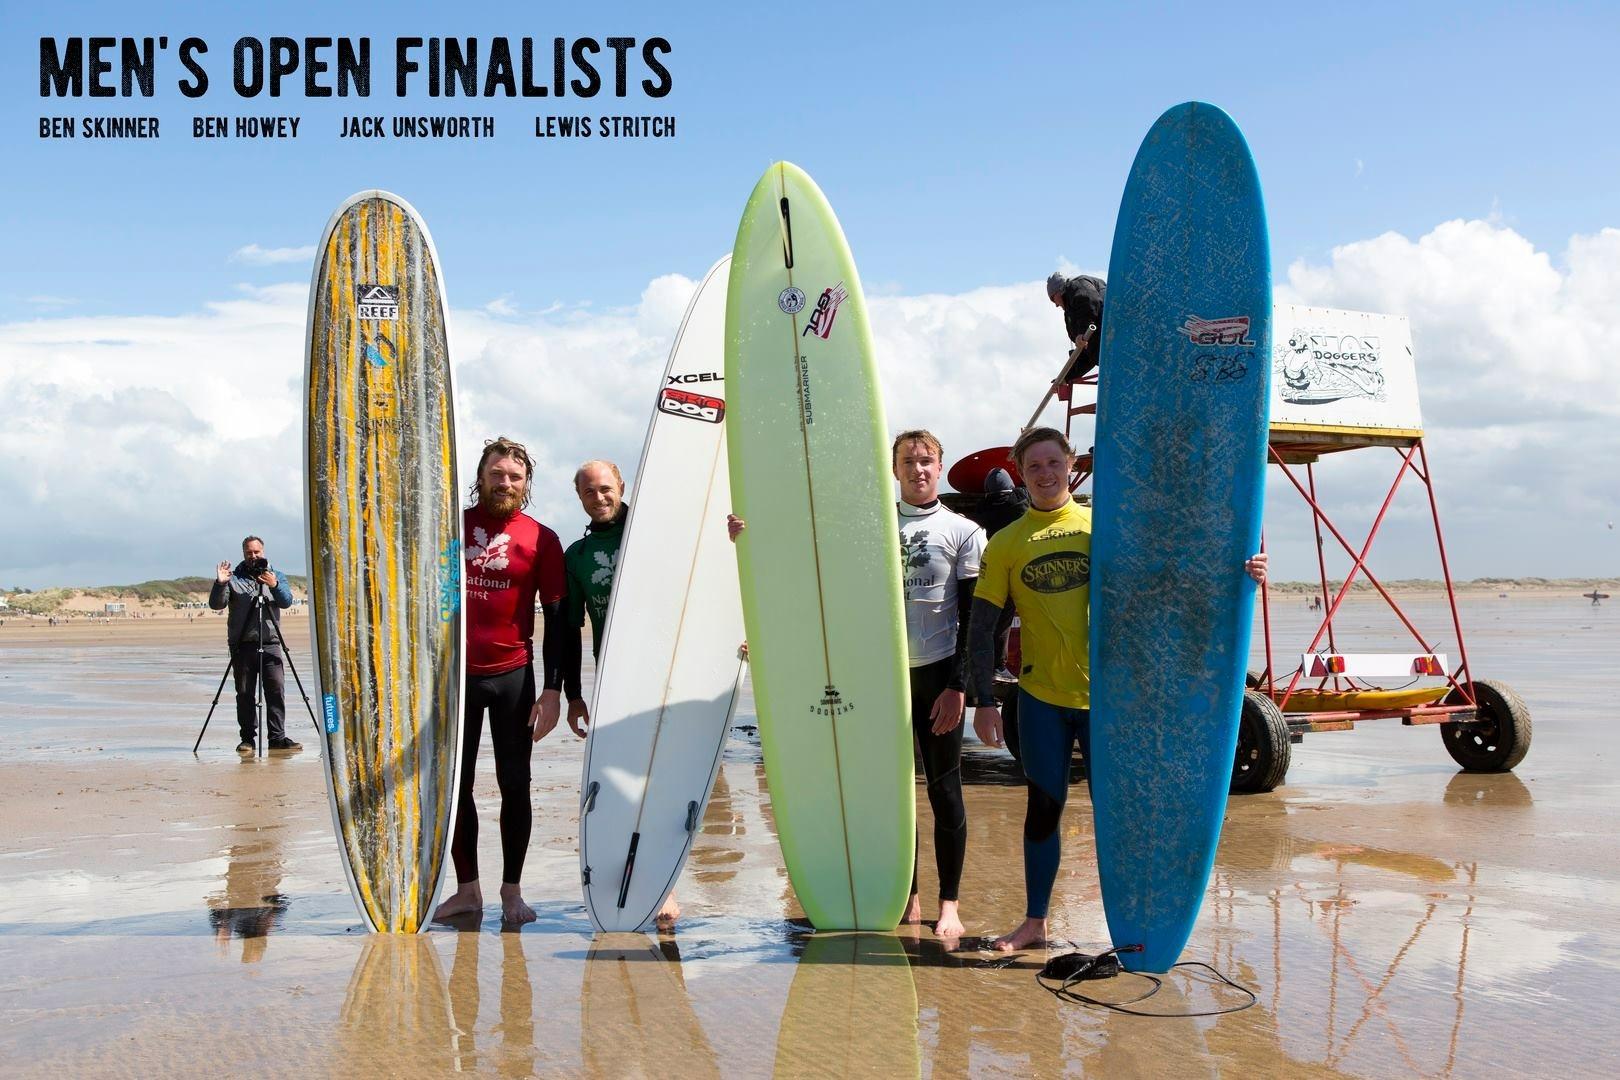 Men's Open Finalists